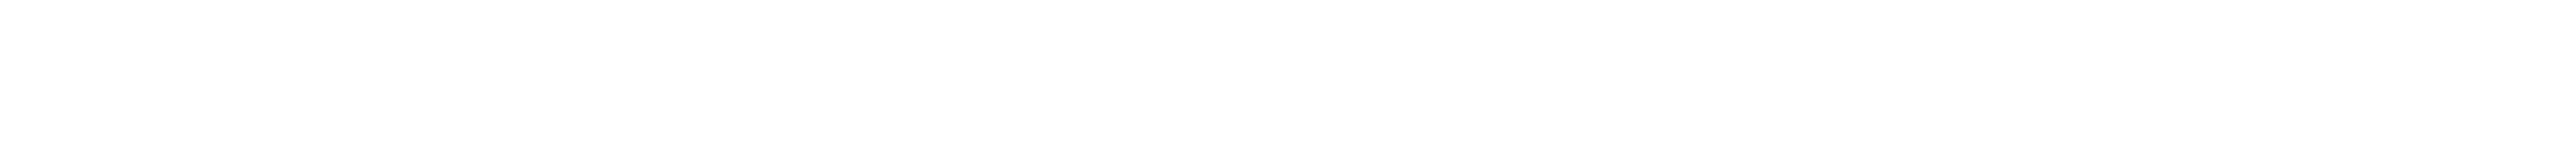 Công ty THHH Hoá Chất Tân Phú Cường